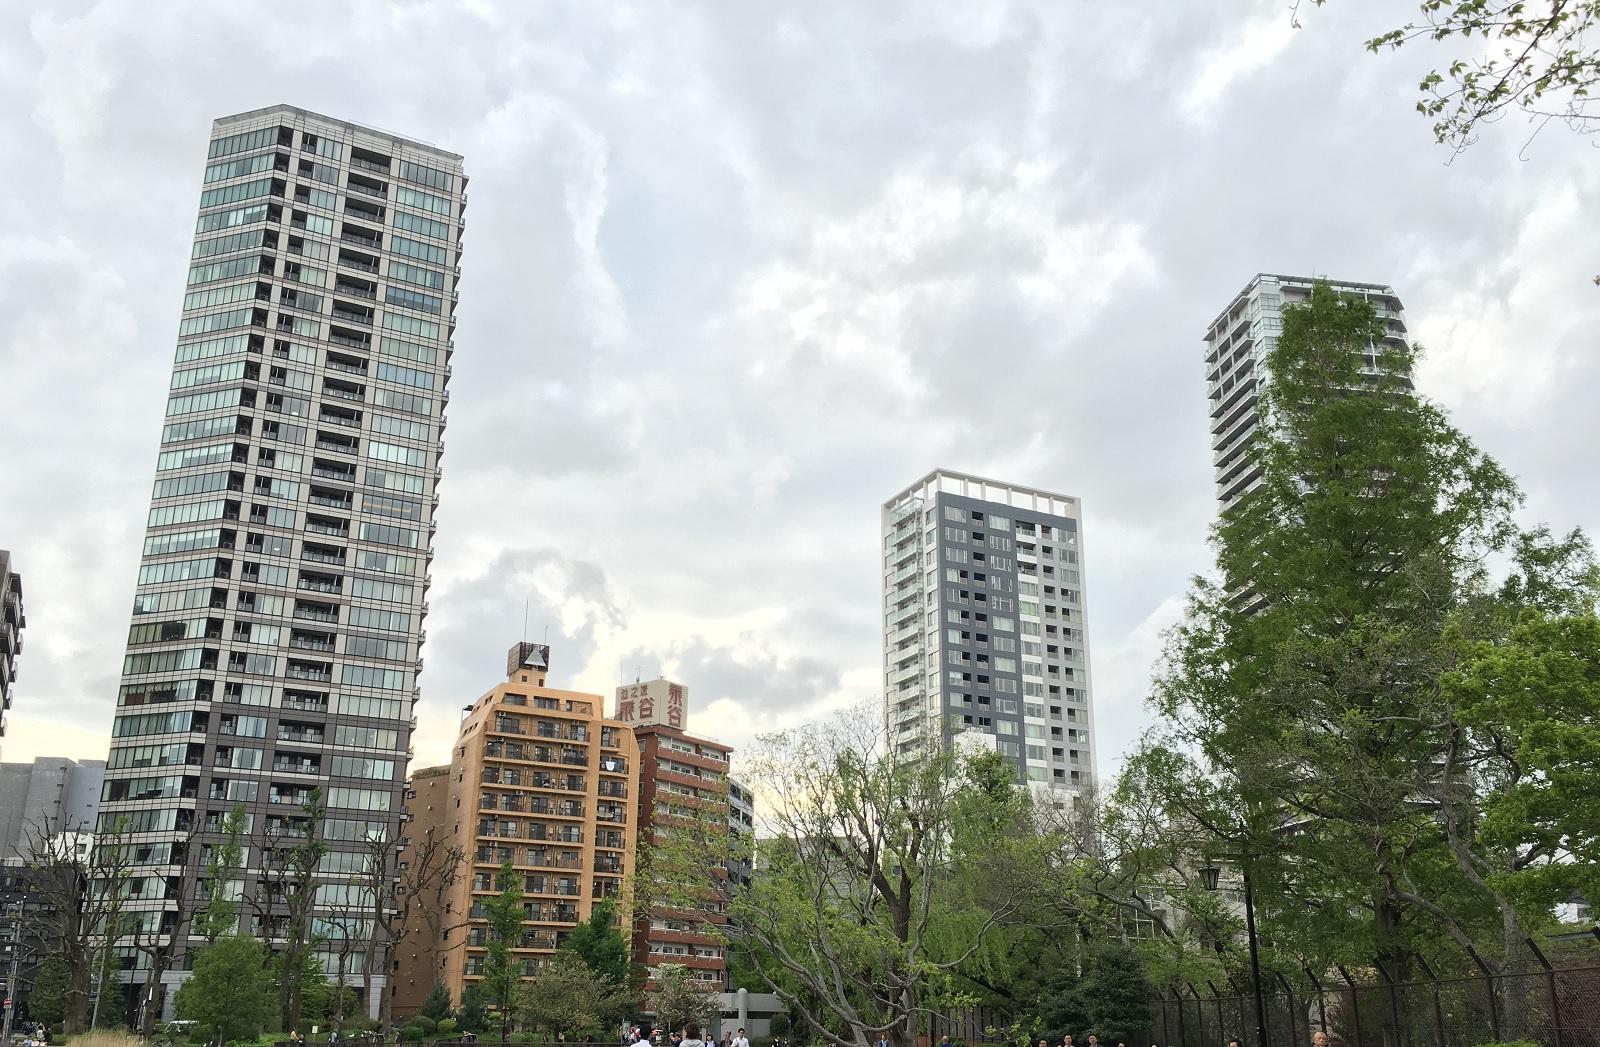 タワーマンションと板状マンションで価値騰落率が変わってくる?